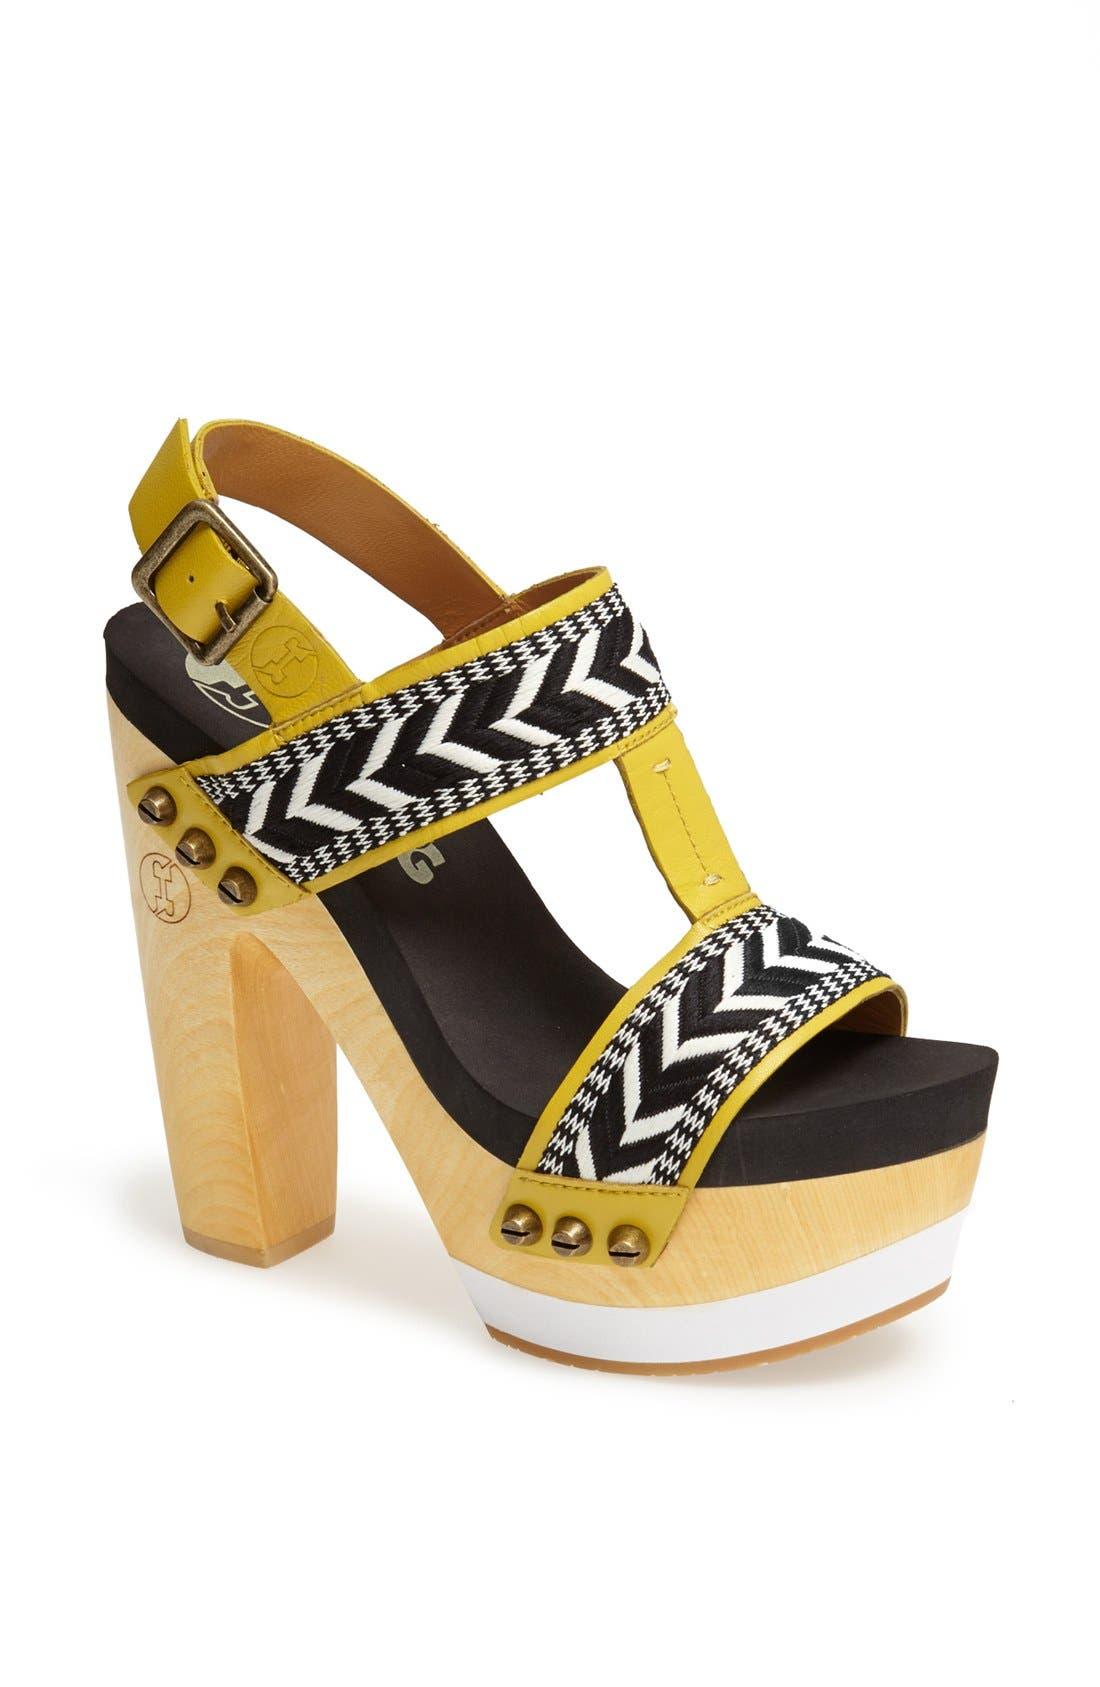 Alternate Image 1 Selected - Flogg 'Risky' Platform Sandal